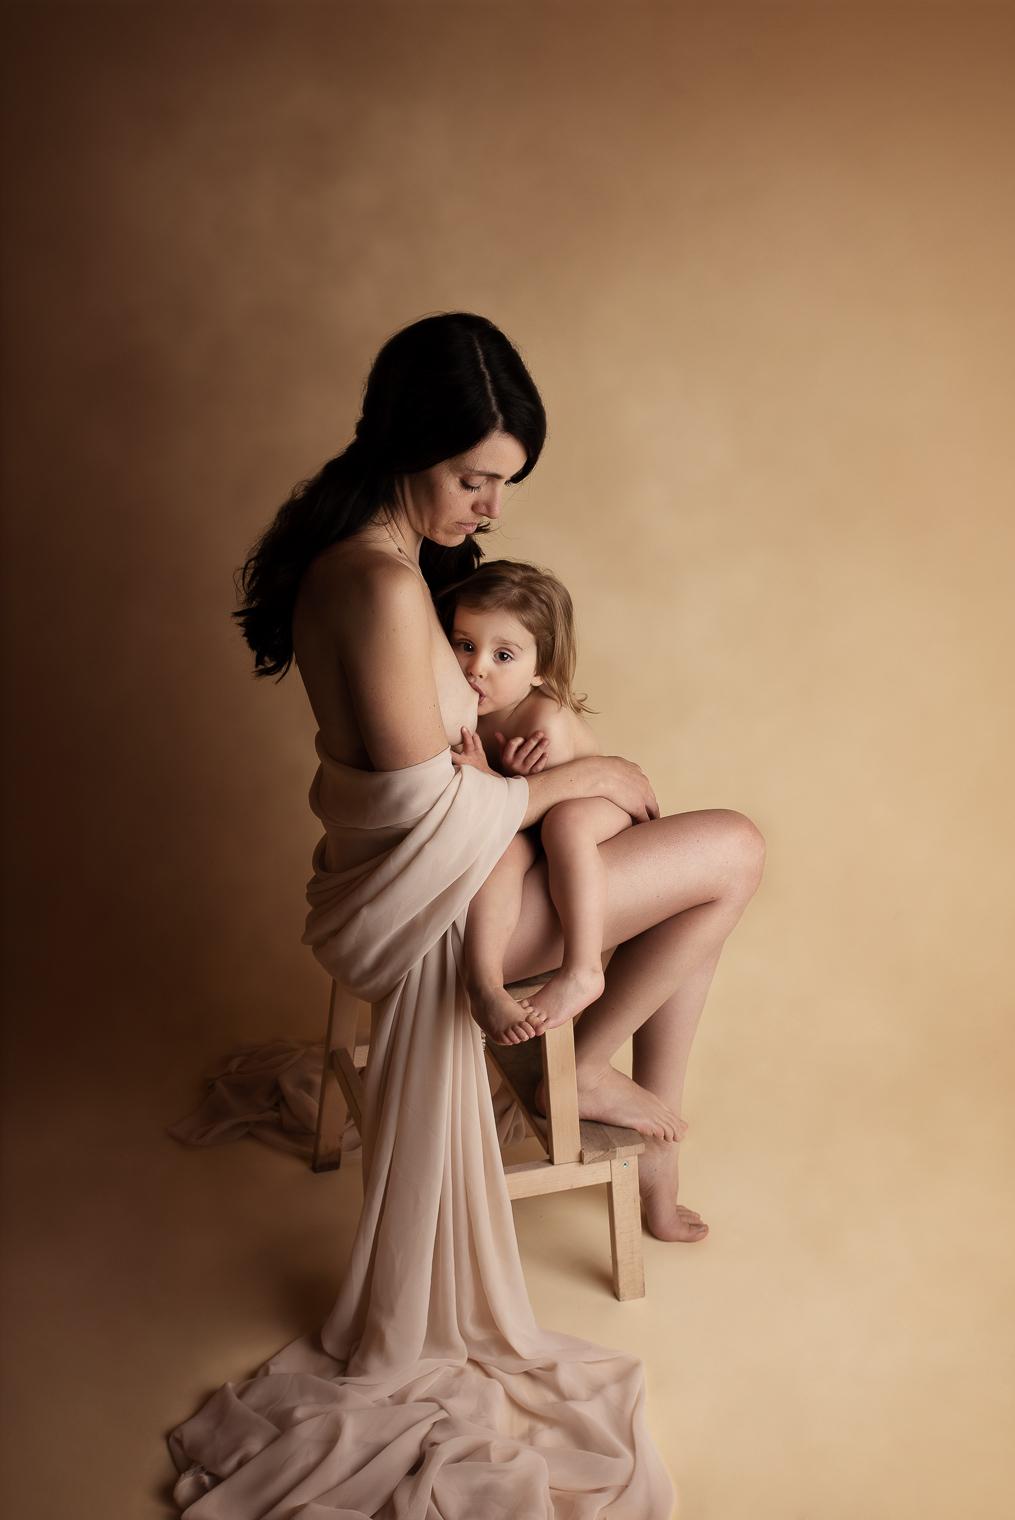 belinda lopez photo bebe enfant allaitement instant lacte maman et moi photographie famille grossesse nouveau-ne maternite photographe bourg-saint-maurice savoie belindalopez.fr-2